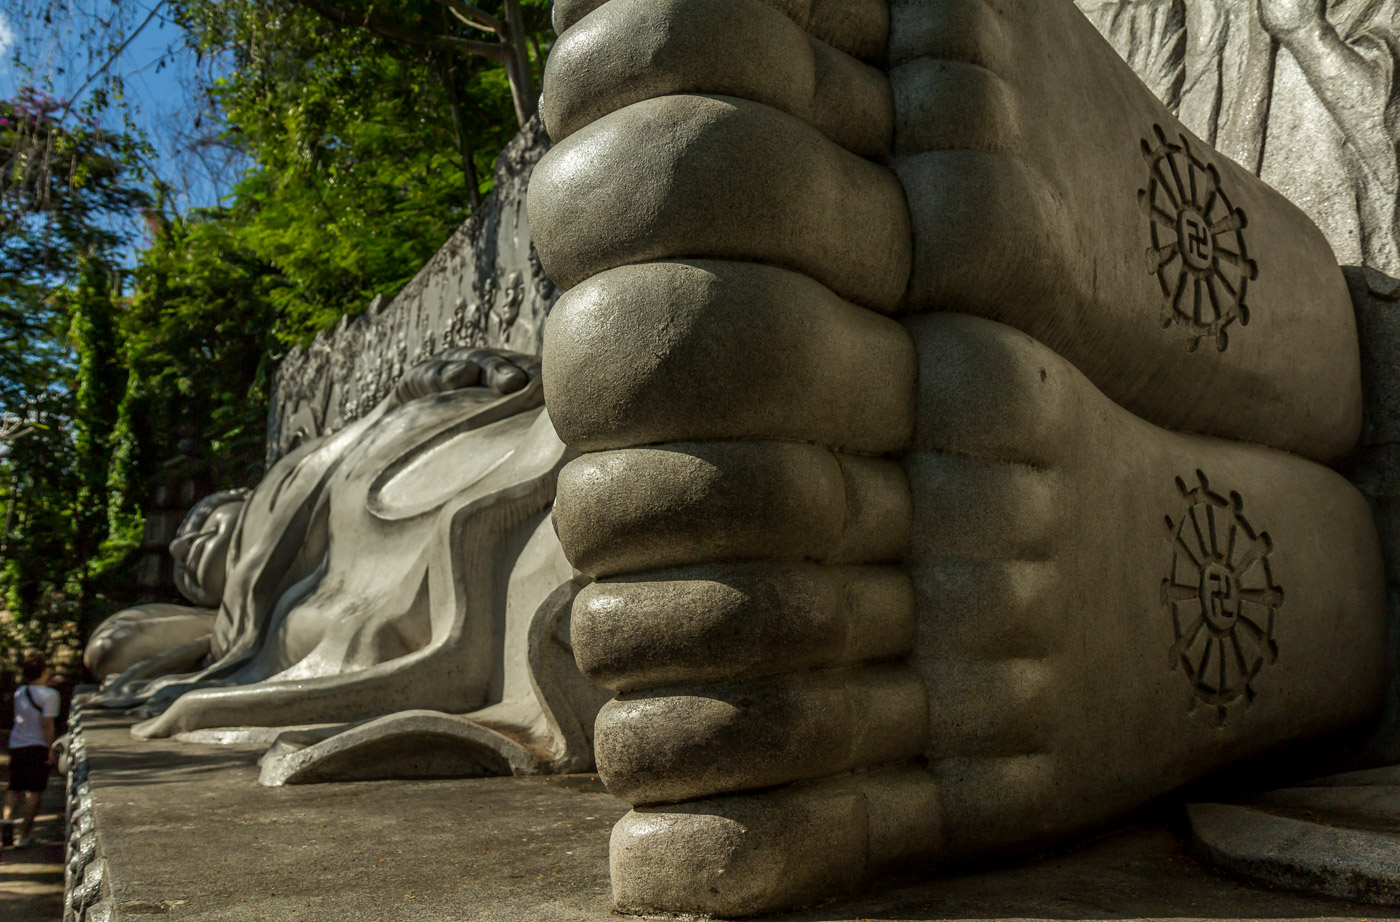 Buddha has some big feet.